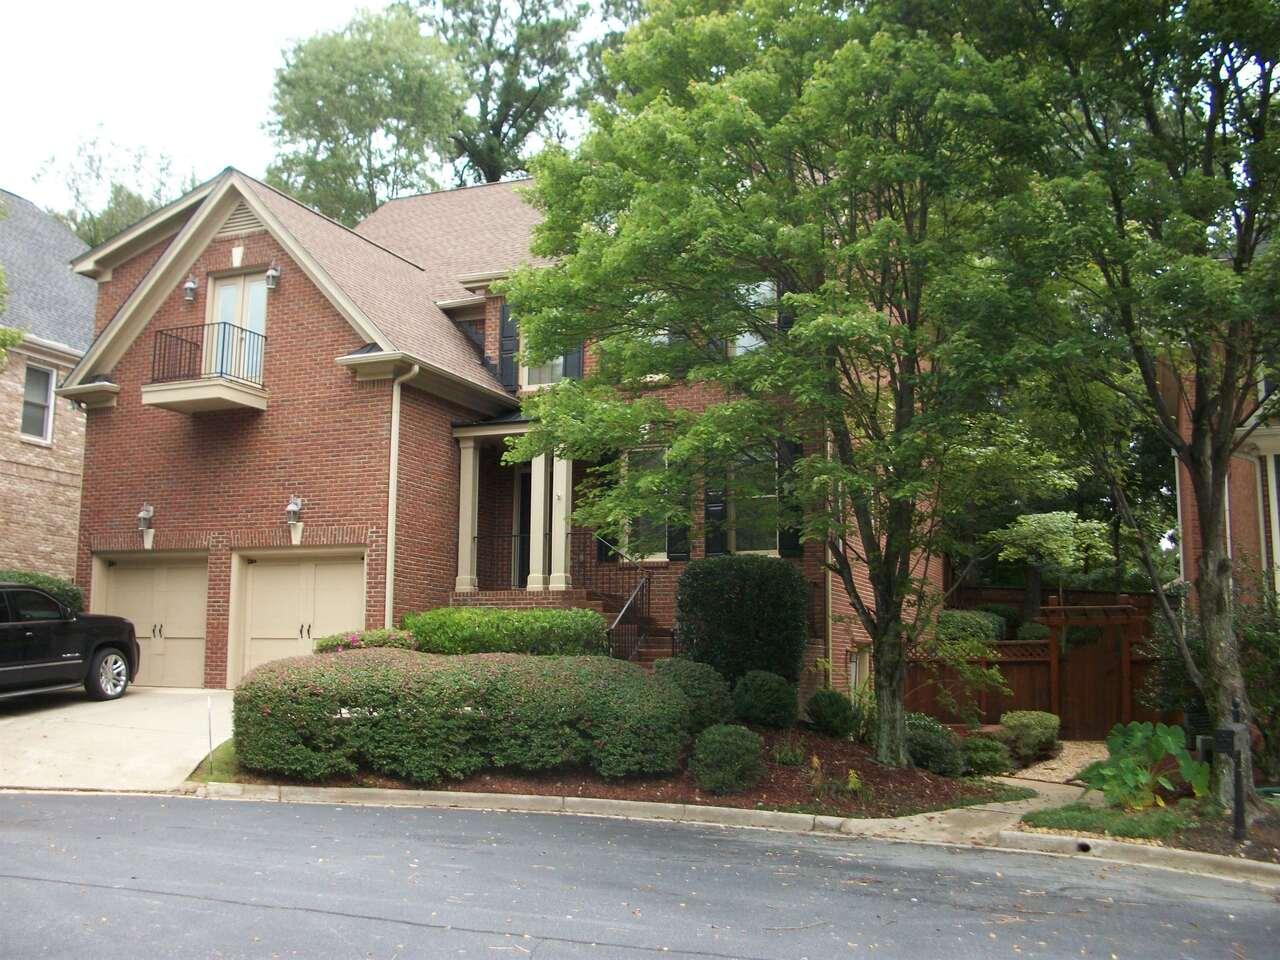 2271 Briarcliff Commons, Atlanta, GA  30345